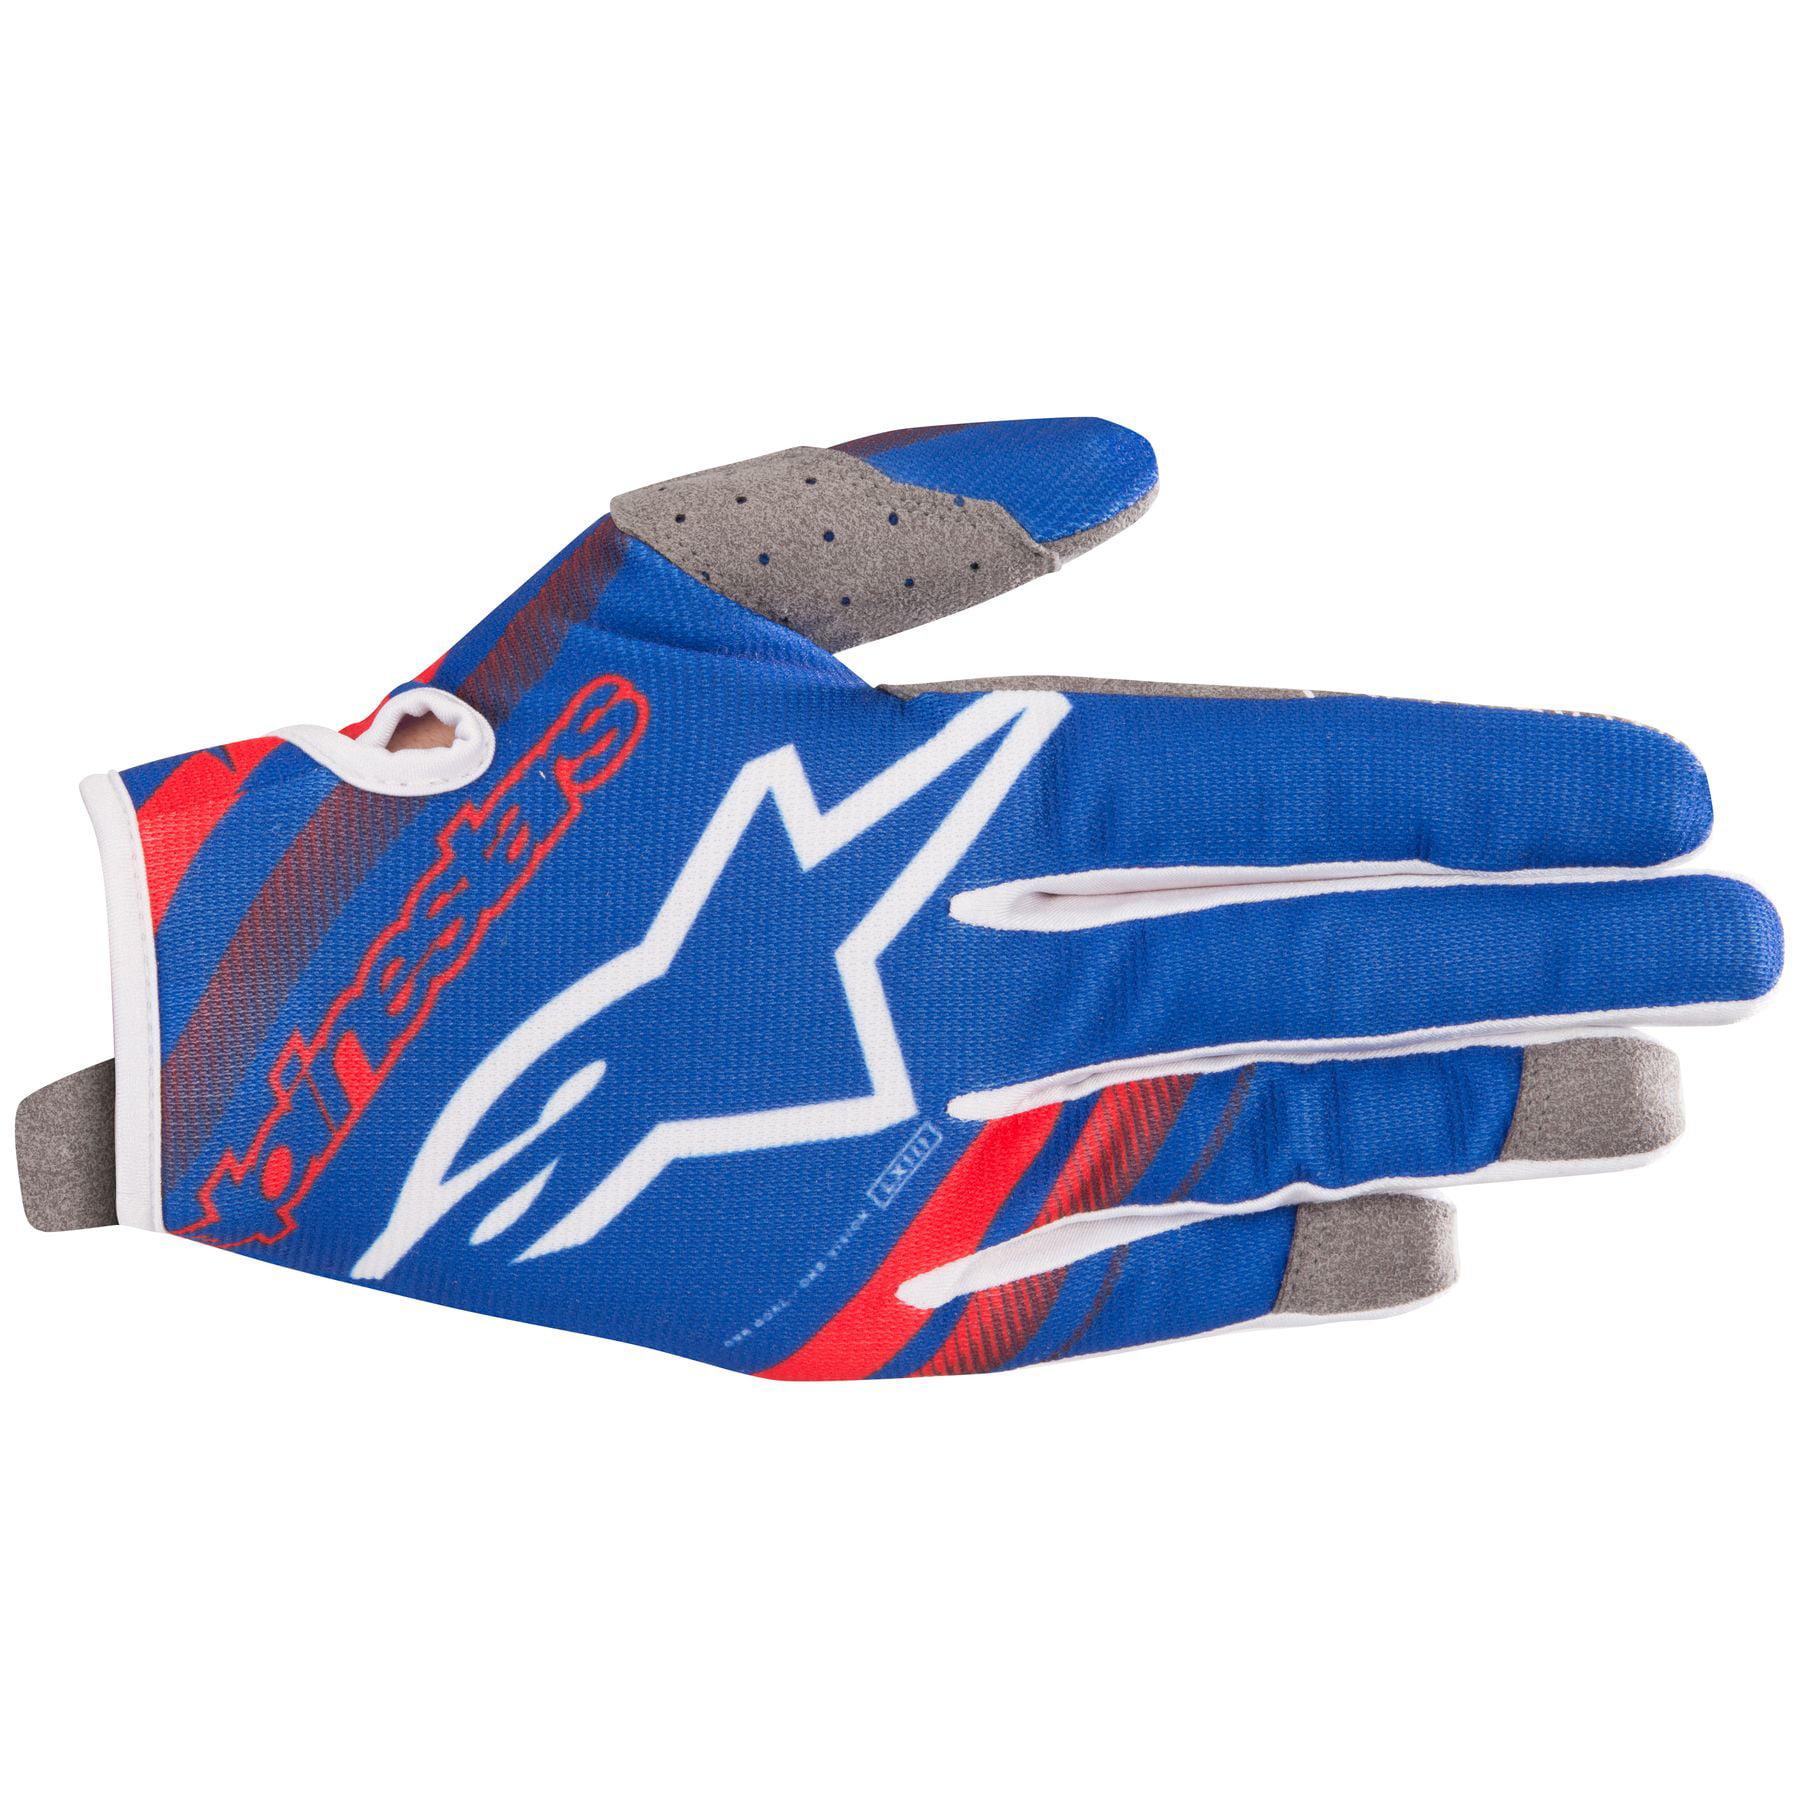 Alpinestars Radar S9 MX Offroad Gloves Blue/Red/White